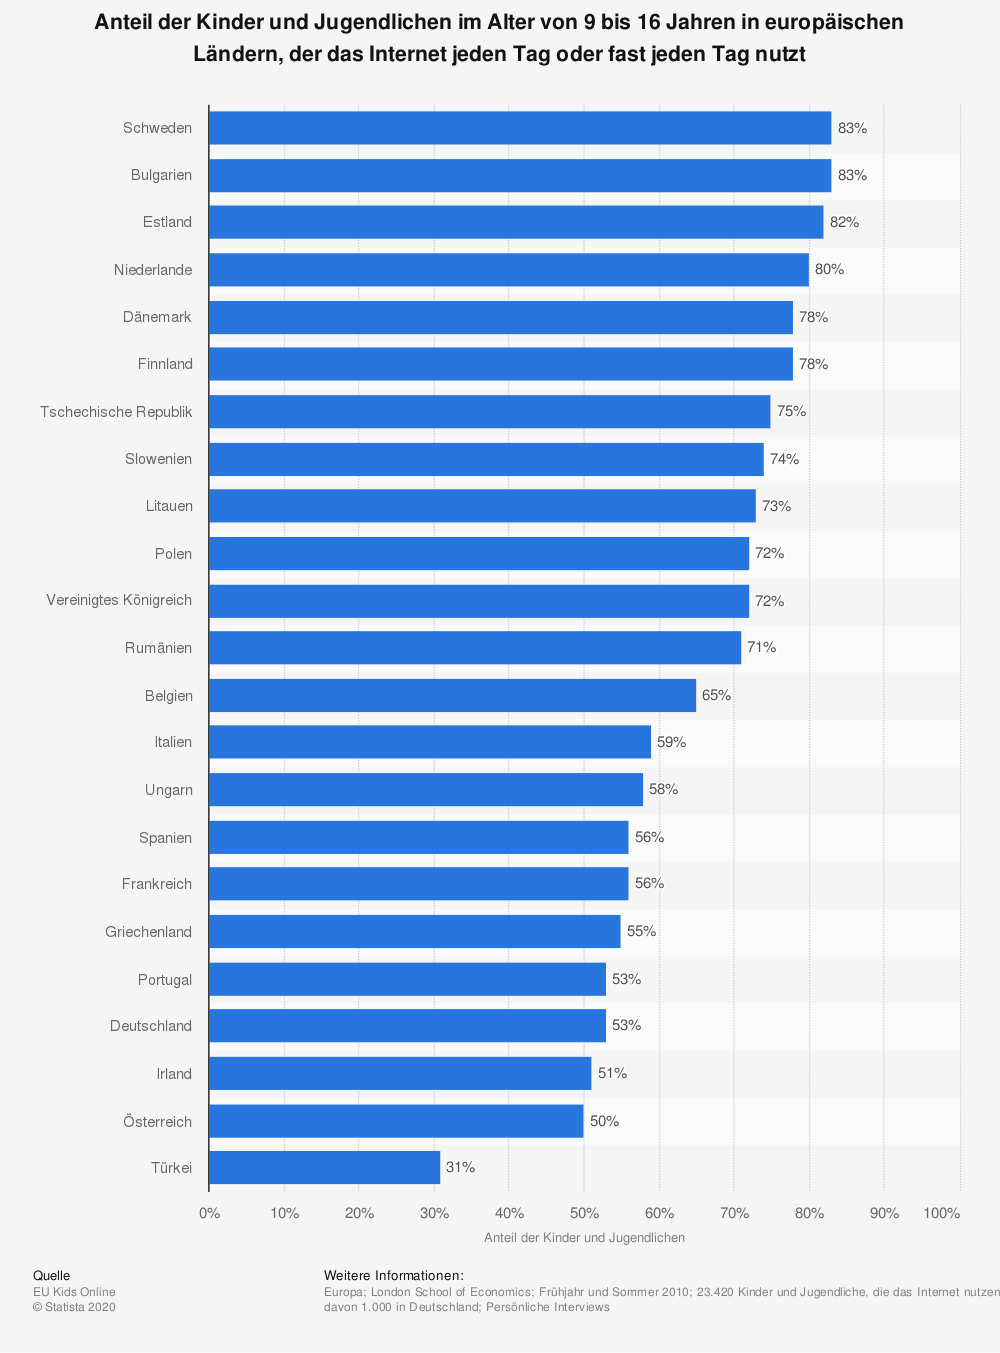 Statistik: Anteil der Kinder und Jugendlichen im Alter von 9 bis 16 Jahren in europäischen Ländern, der das Internet jeden Tag oder fast jeden Tag nutzt | Statista